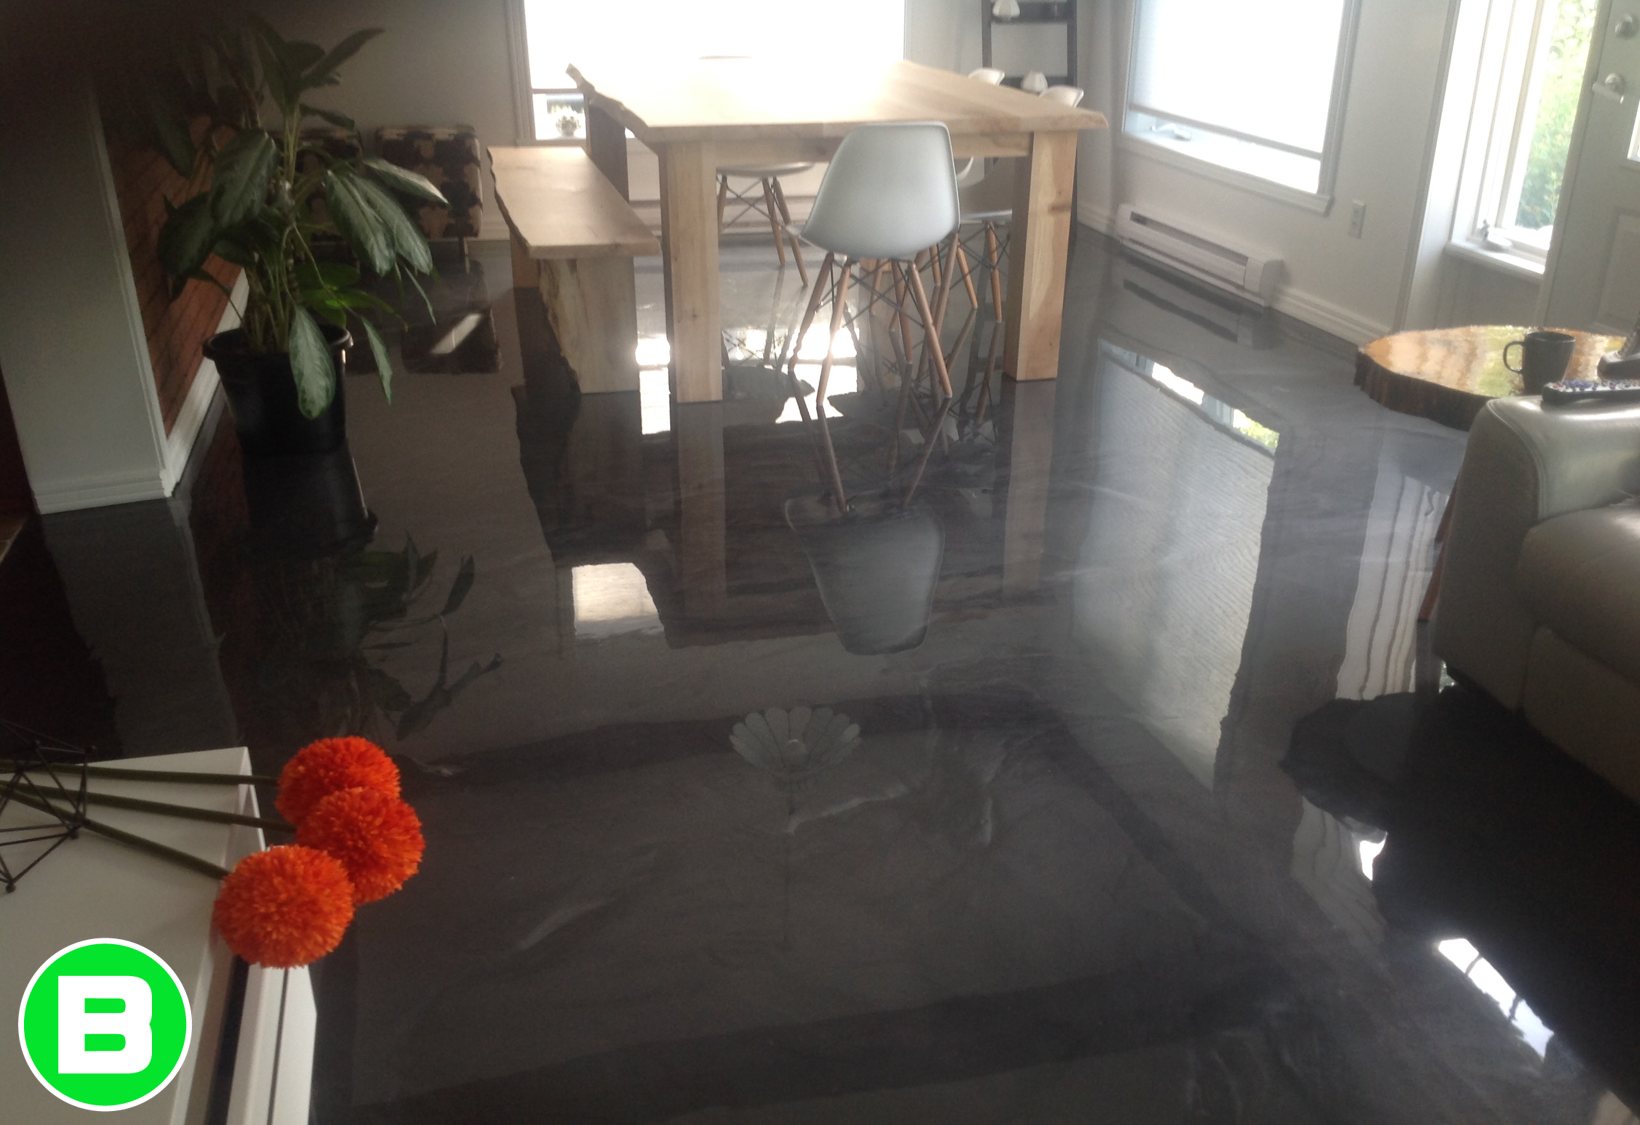 Resine Epoxy Sol Deco plancher de maison en béton noir #epoxy #deco #décoration